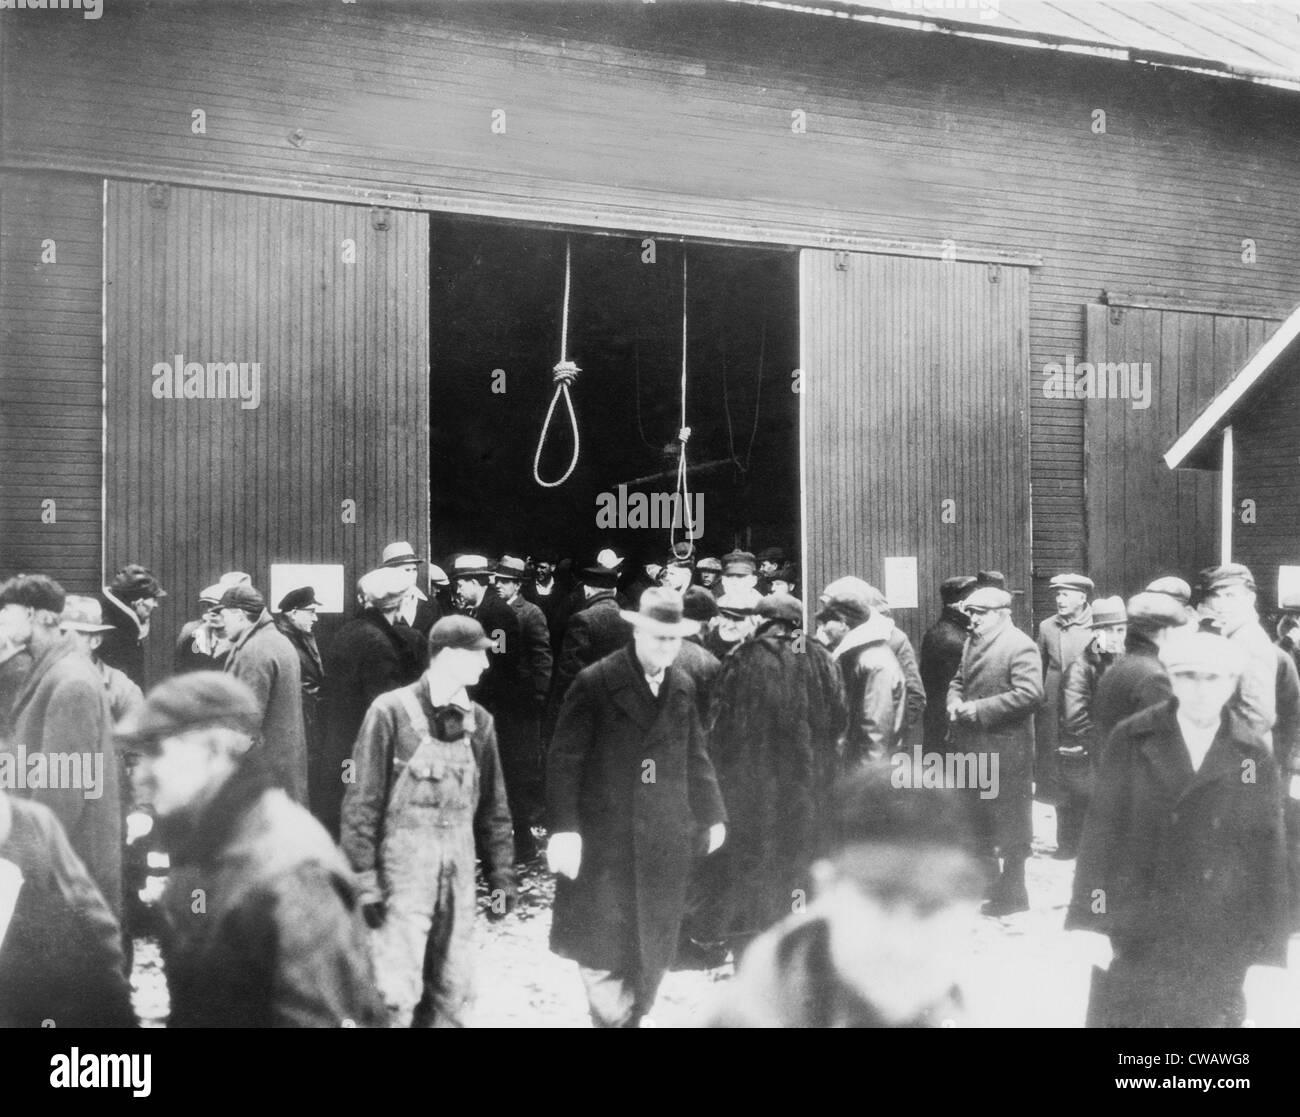 Dos hangman's nooses cuelgan como una advertencia sombría a los posibles postores en esta granja excluida. Imagen De Stock